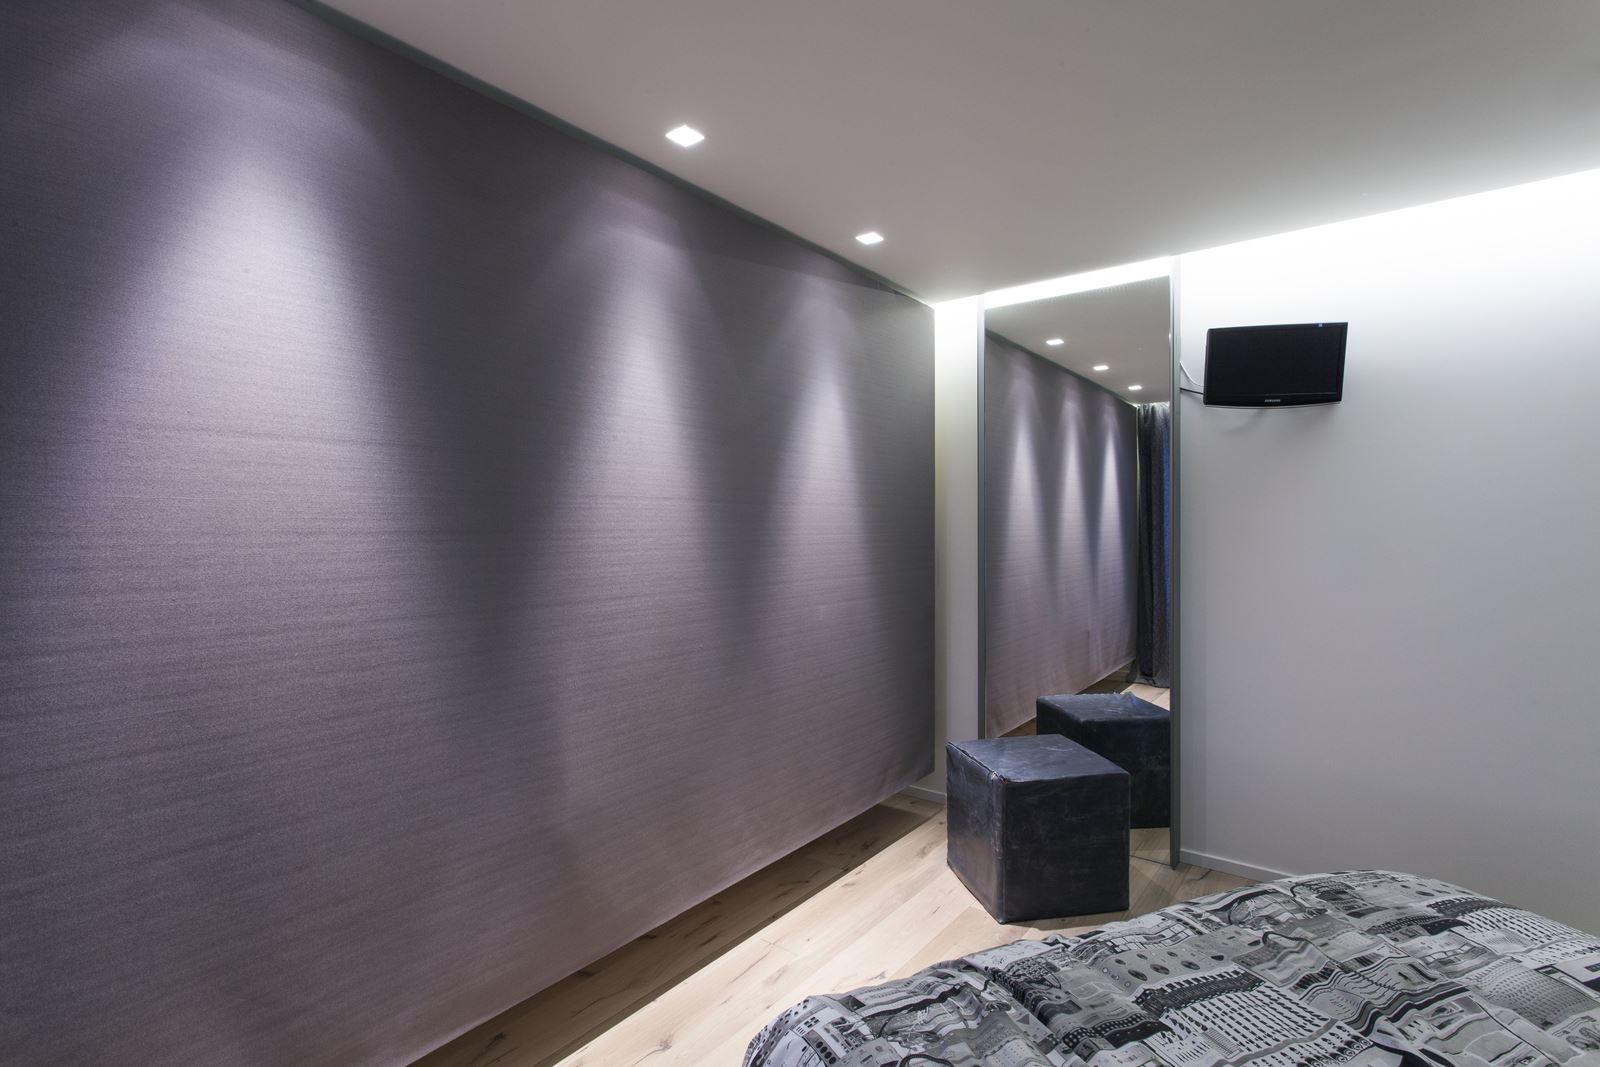 Camera da letto - Studio in camera da letto ...